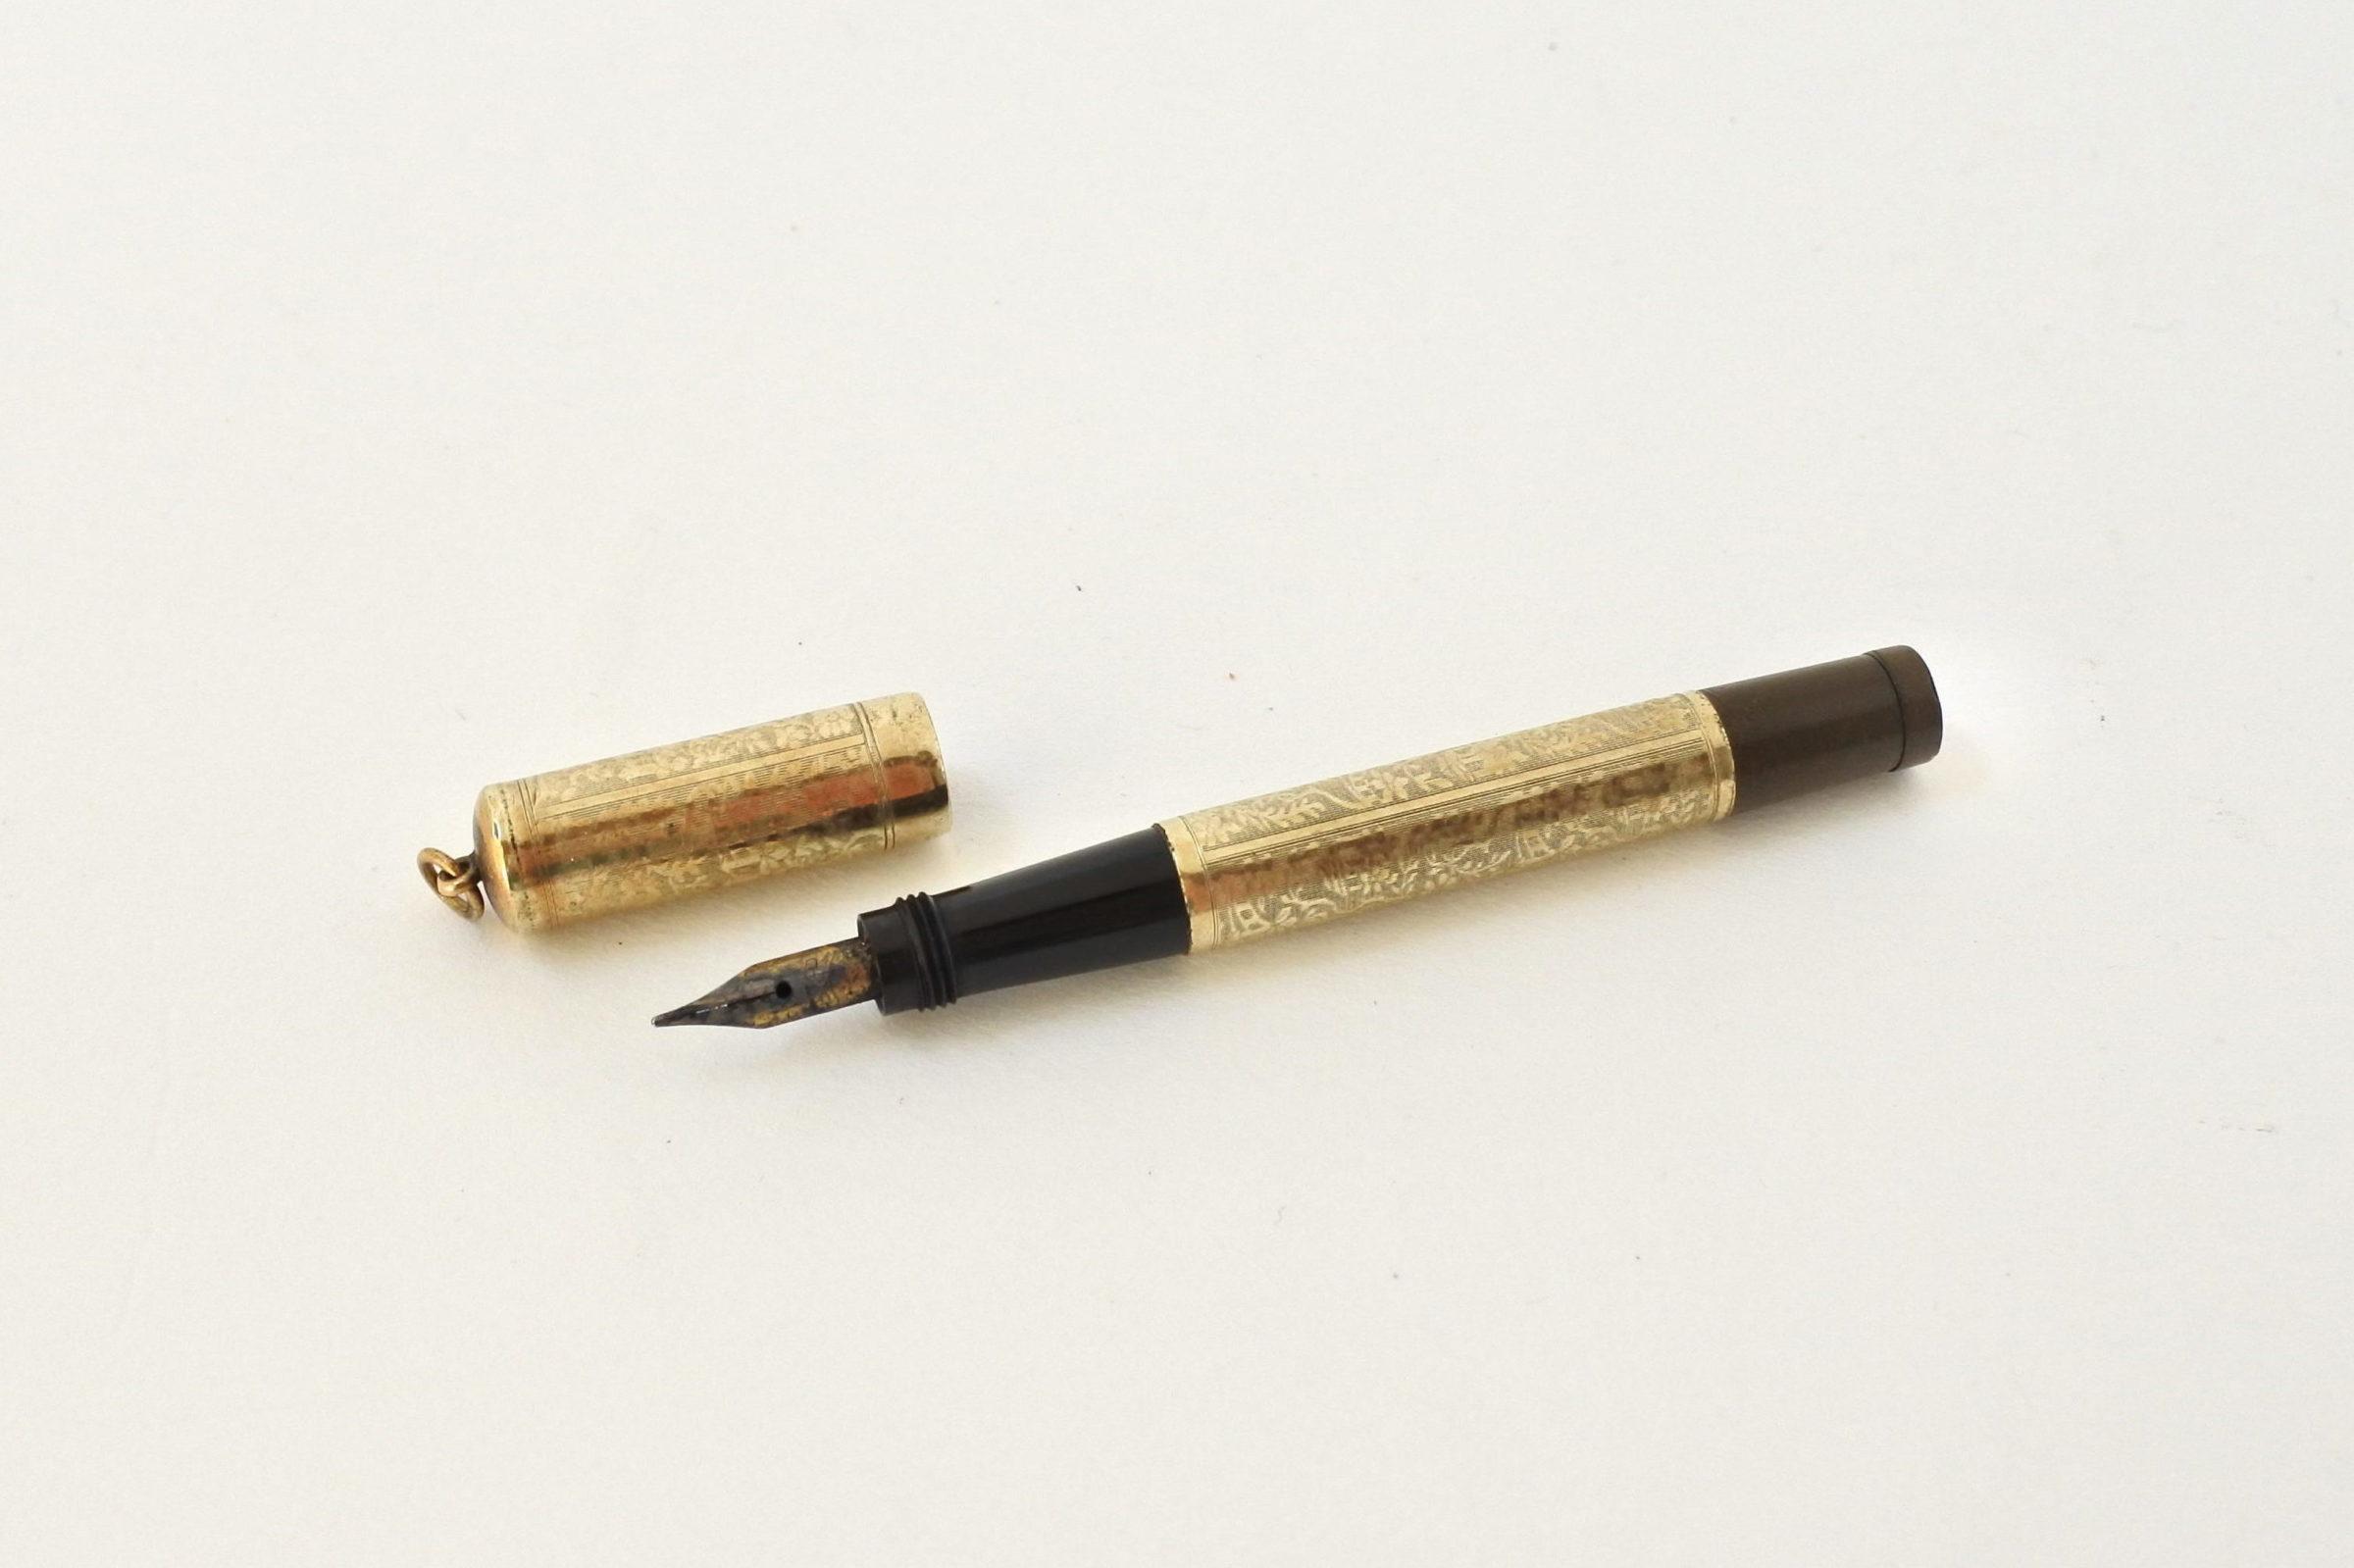 Piccola penna stilografica a scomparsa placcata in oro - 3